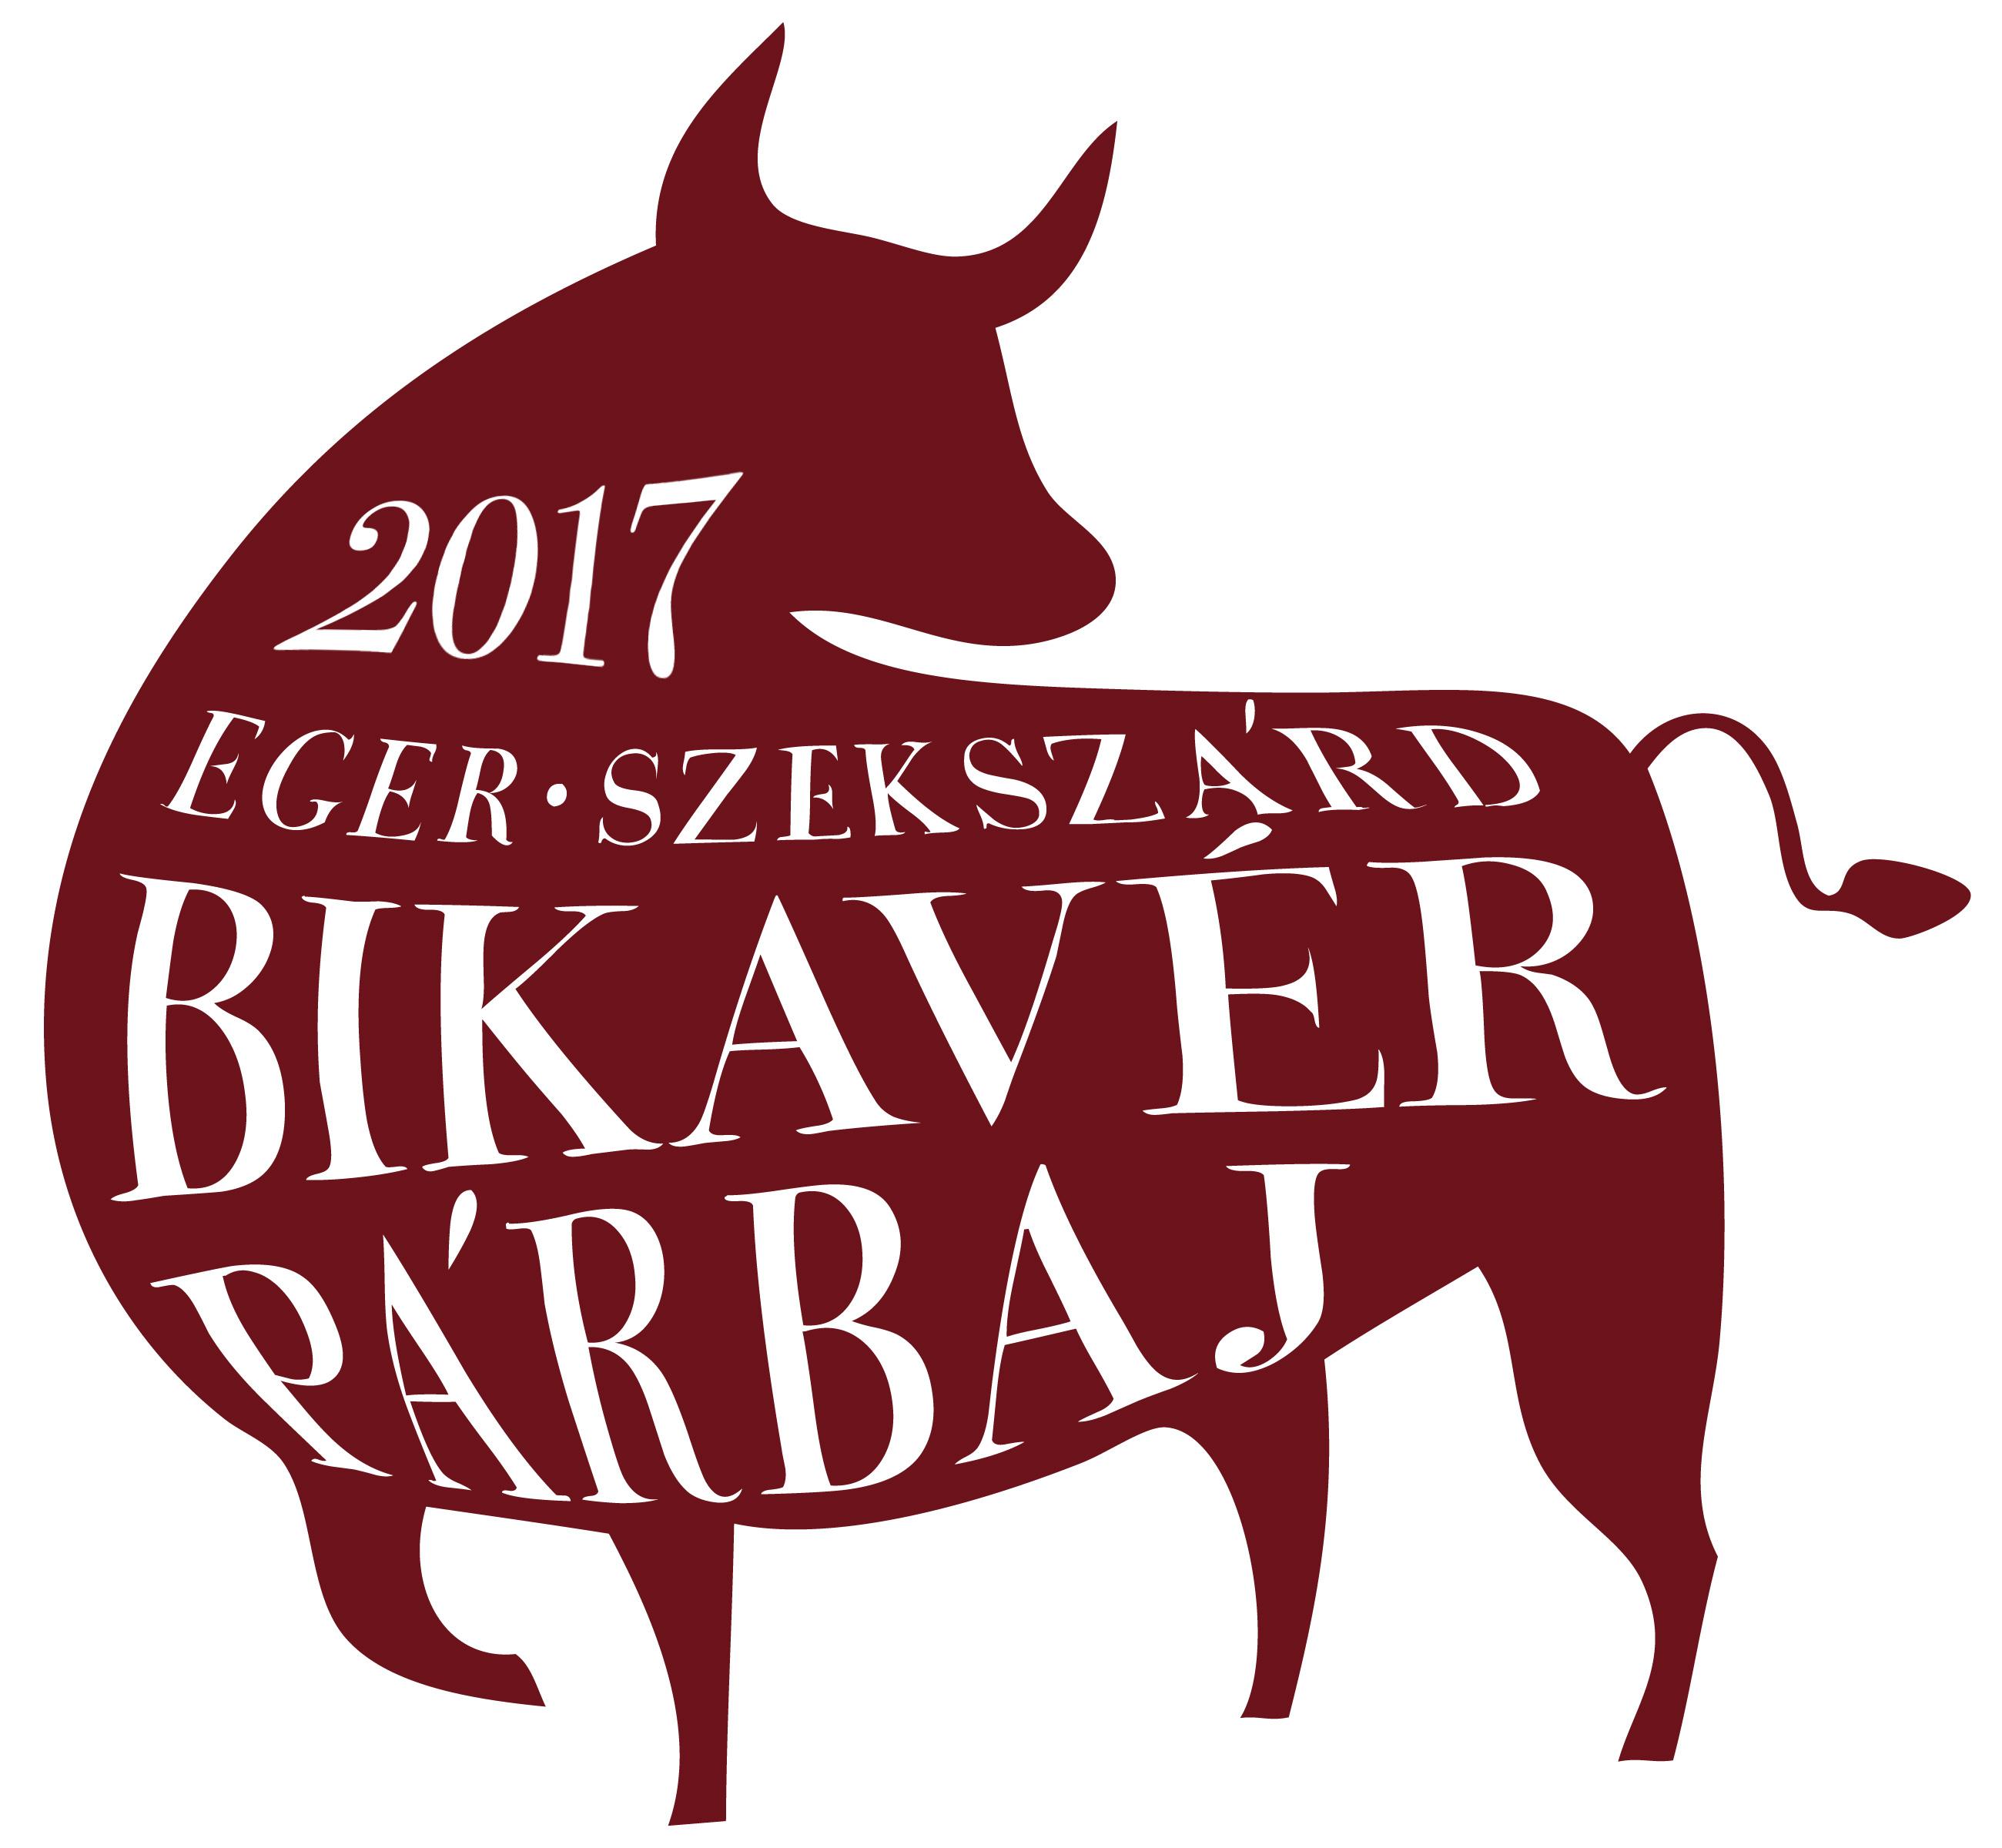 bikaver_parbaj_logo2017.jpg